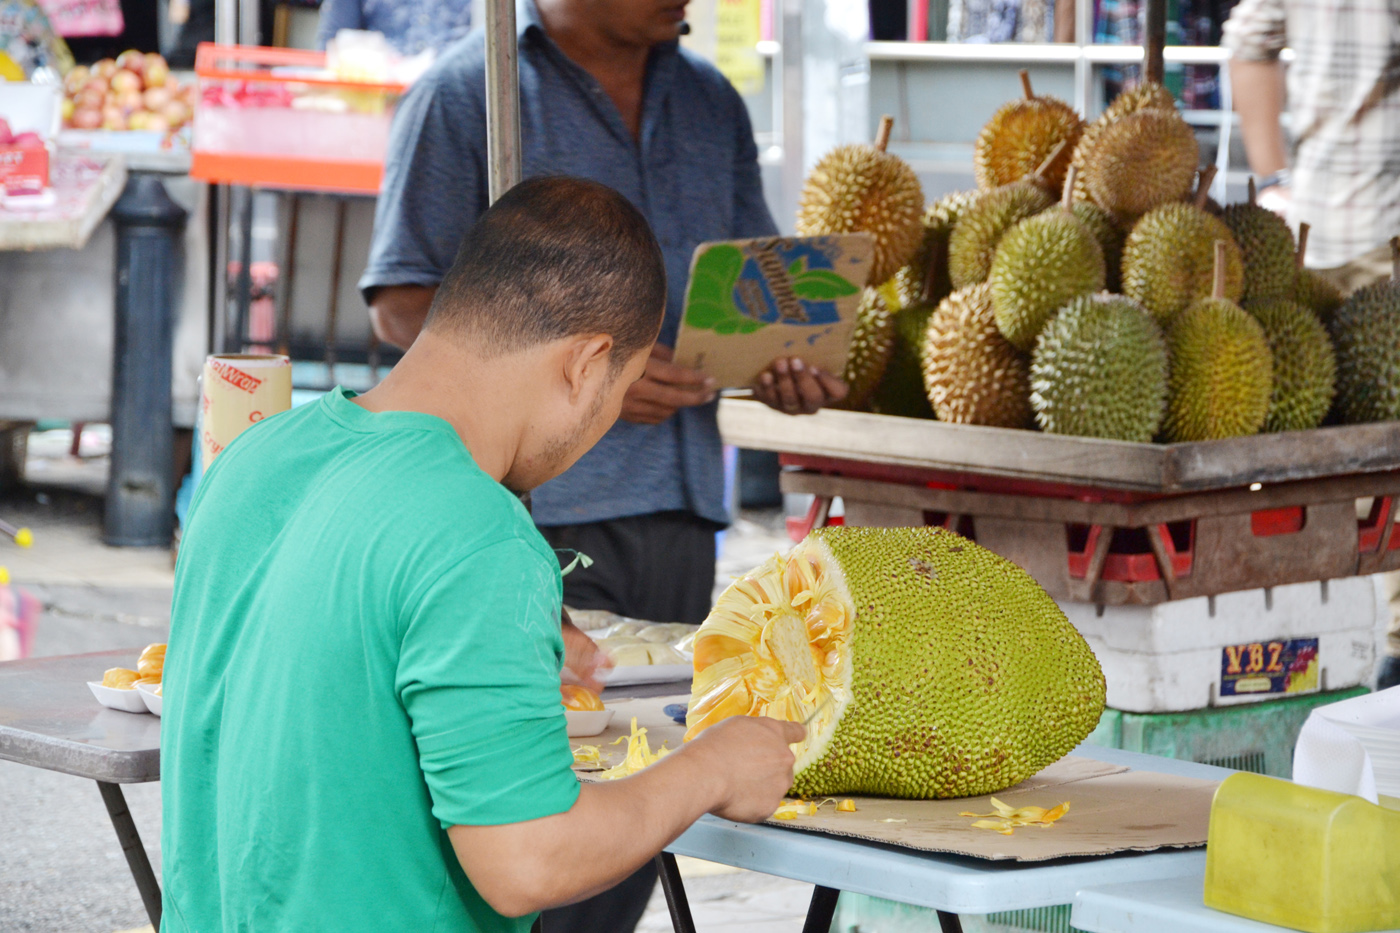 What-to-do-in-Kuala-Lumpur-gucki-market-fruits-jackfruit-2